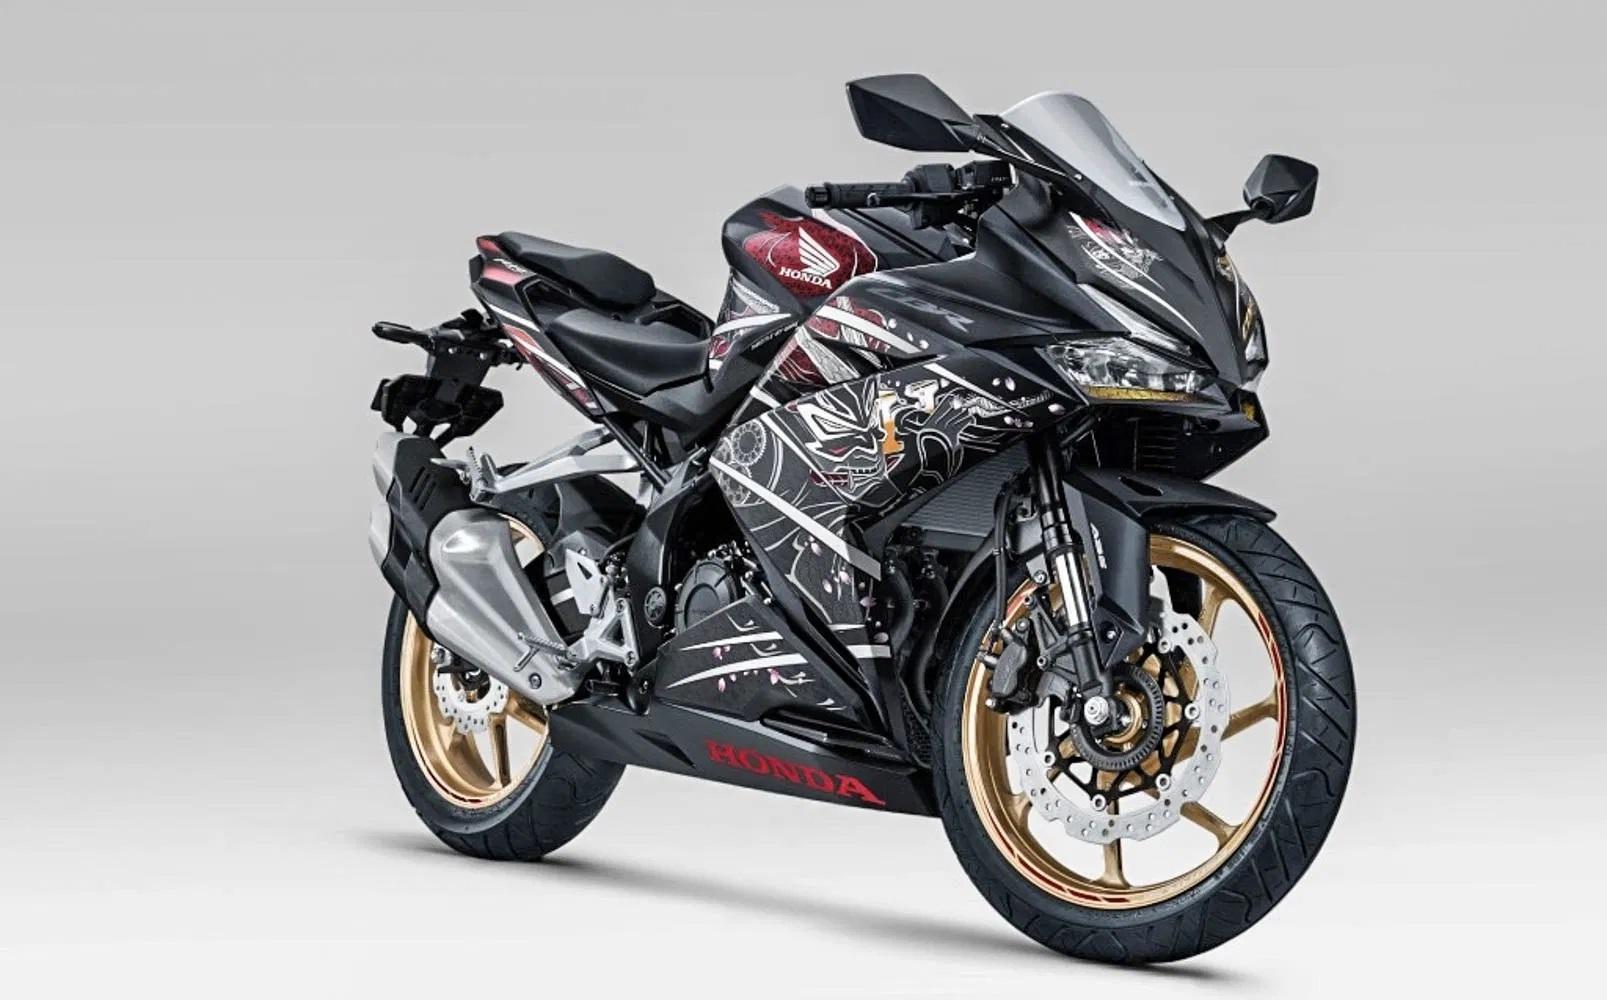 Ketika ibu hamil atau menyusui akan membayar fidyah, maka dianjurkan membaca niat ini. Honda CBR250RR 2021 dilancarkan - lebih berkuasa, bermula dari RM33 ribu! | Careta